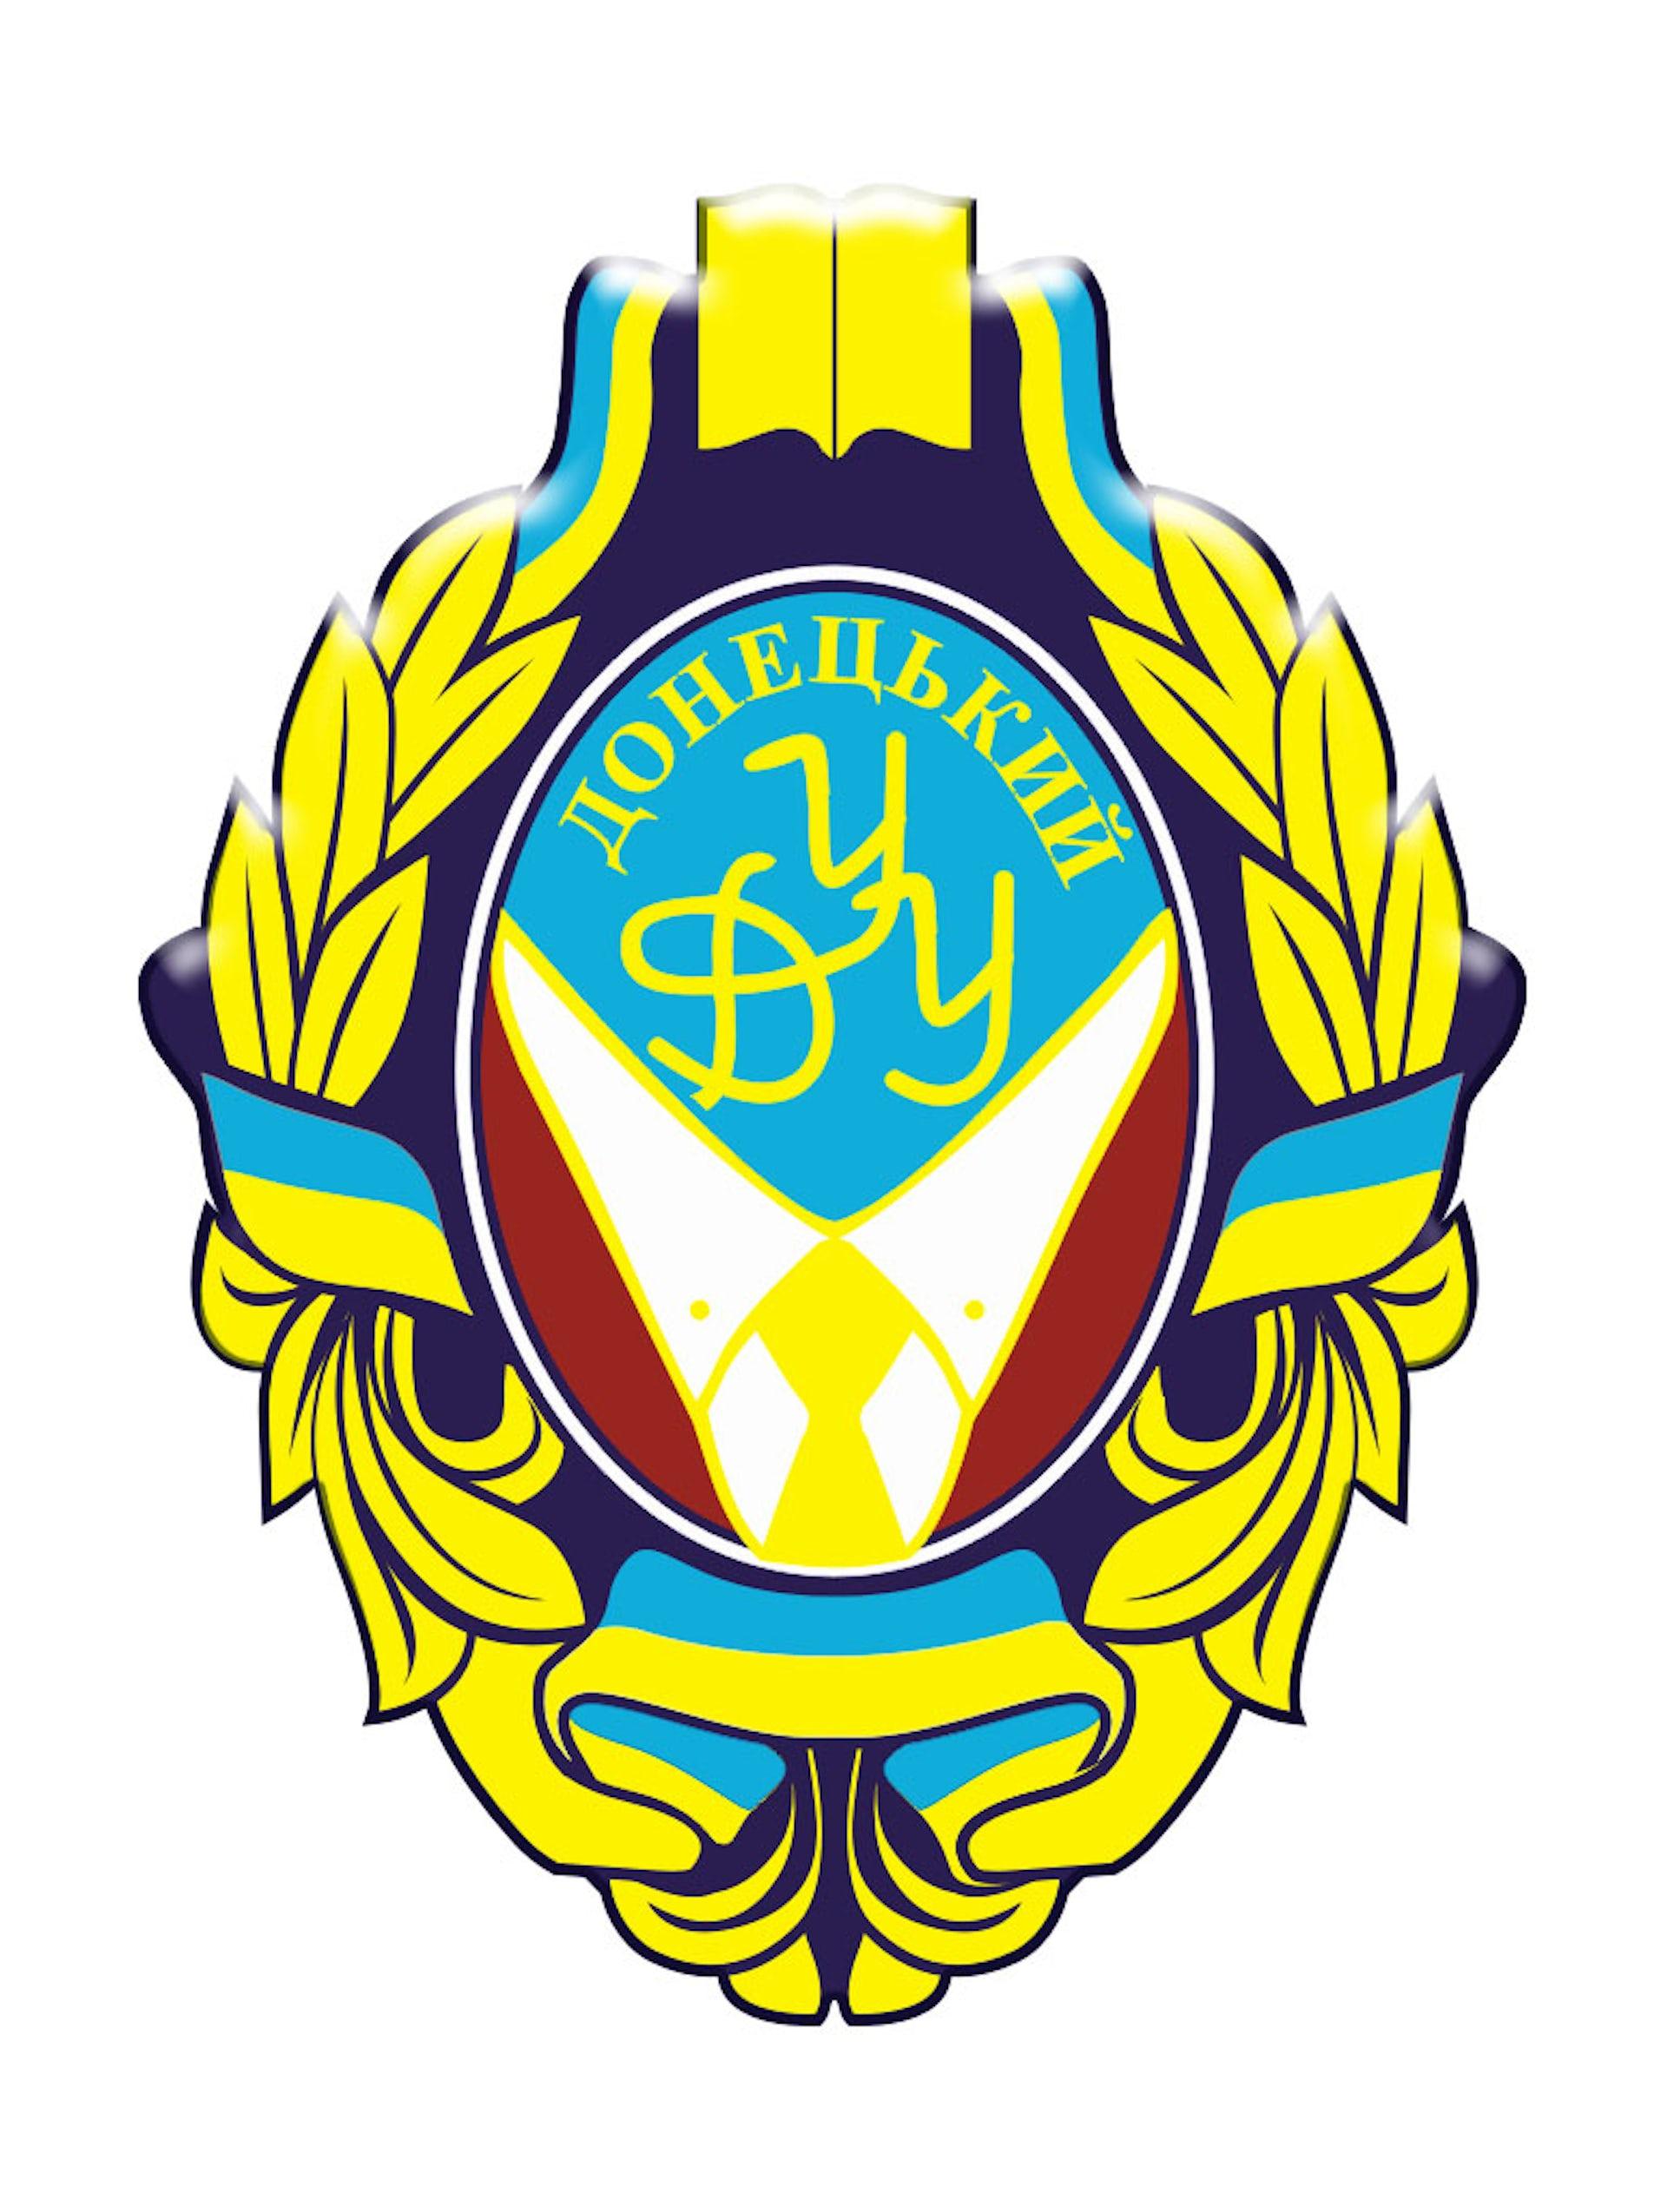 Logo 1393338403.jpg?ixlib=rb 1.1